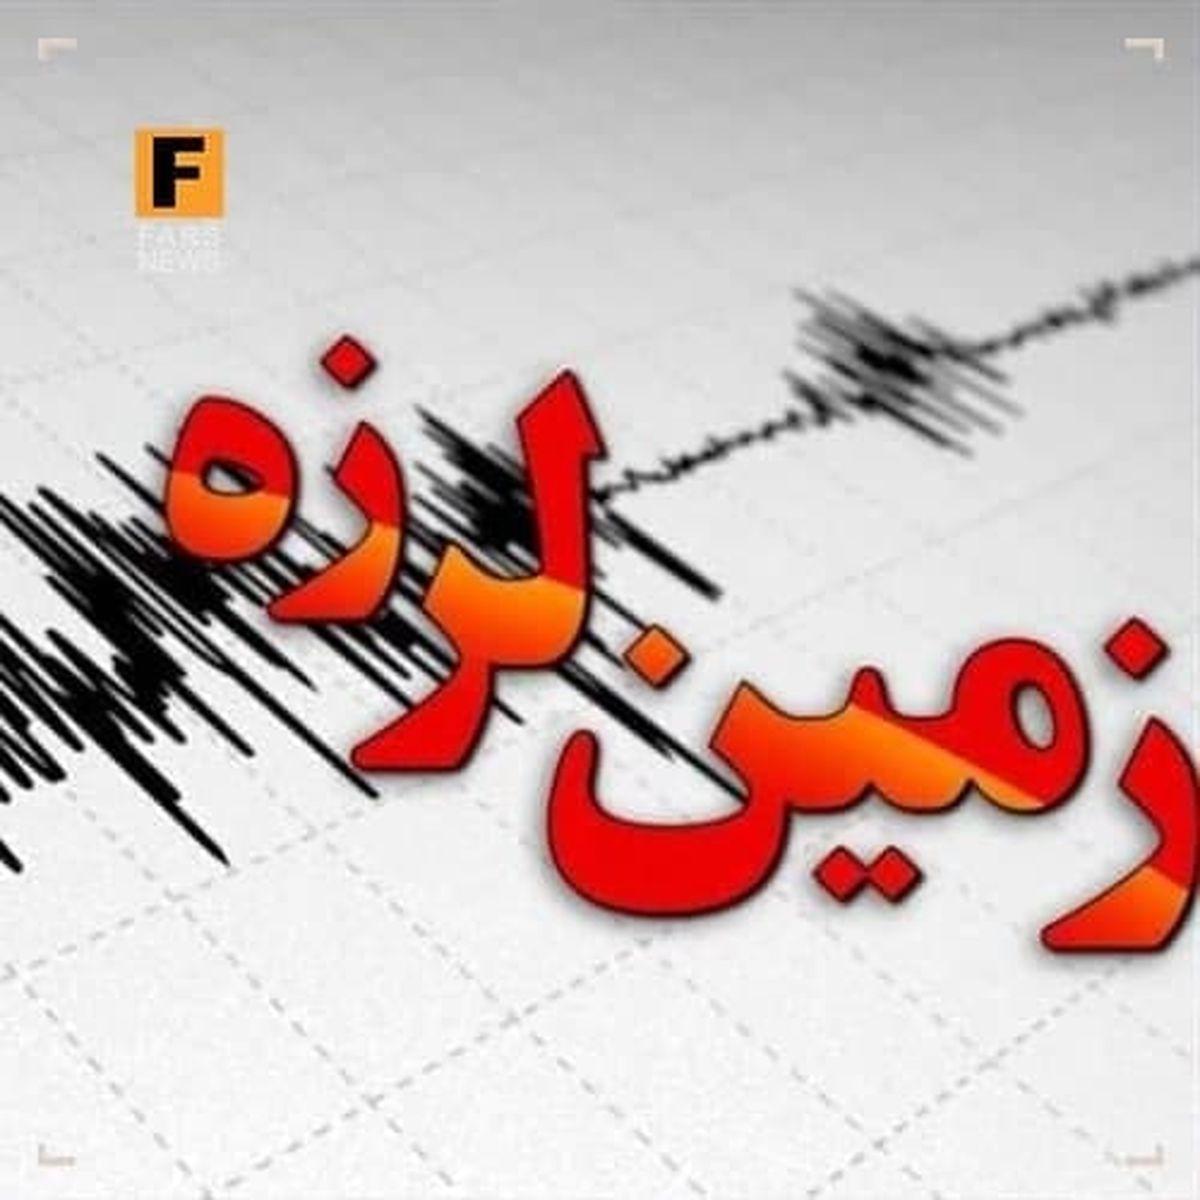 زلزله ۵ ریشتری فاریاب را لرزاند